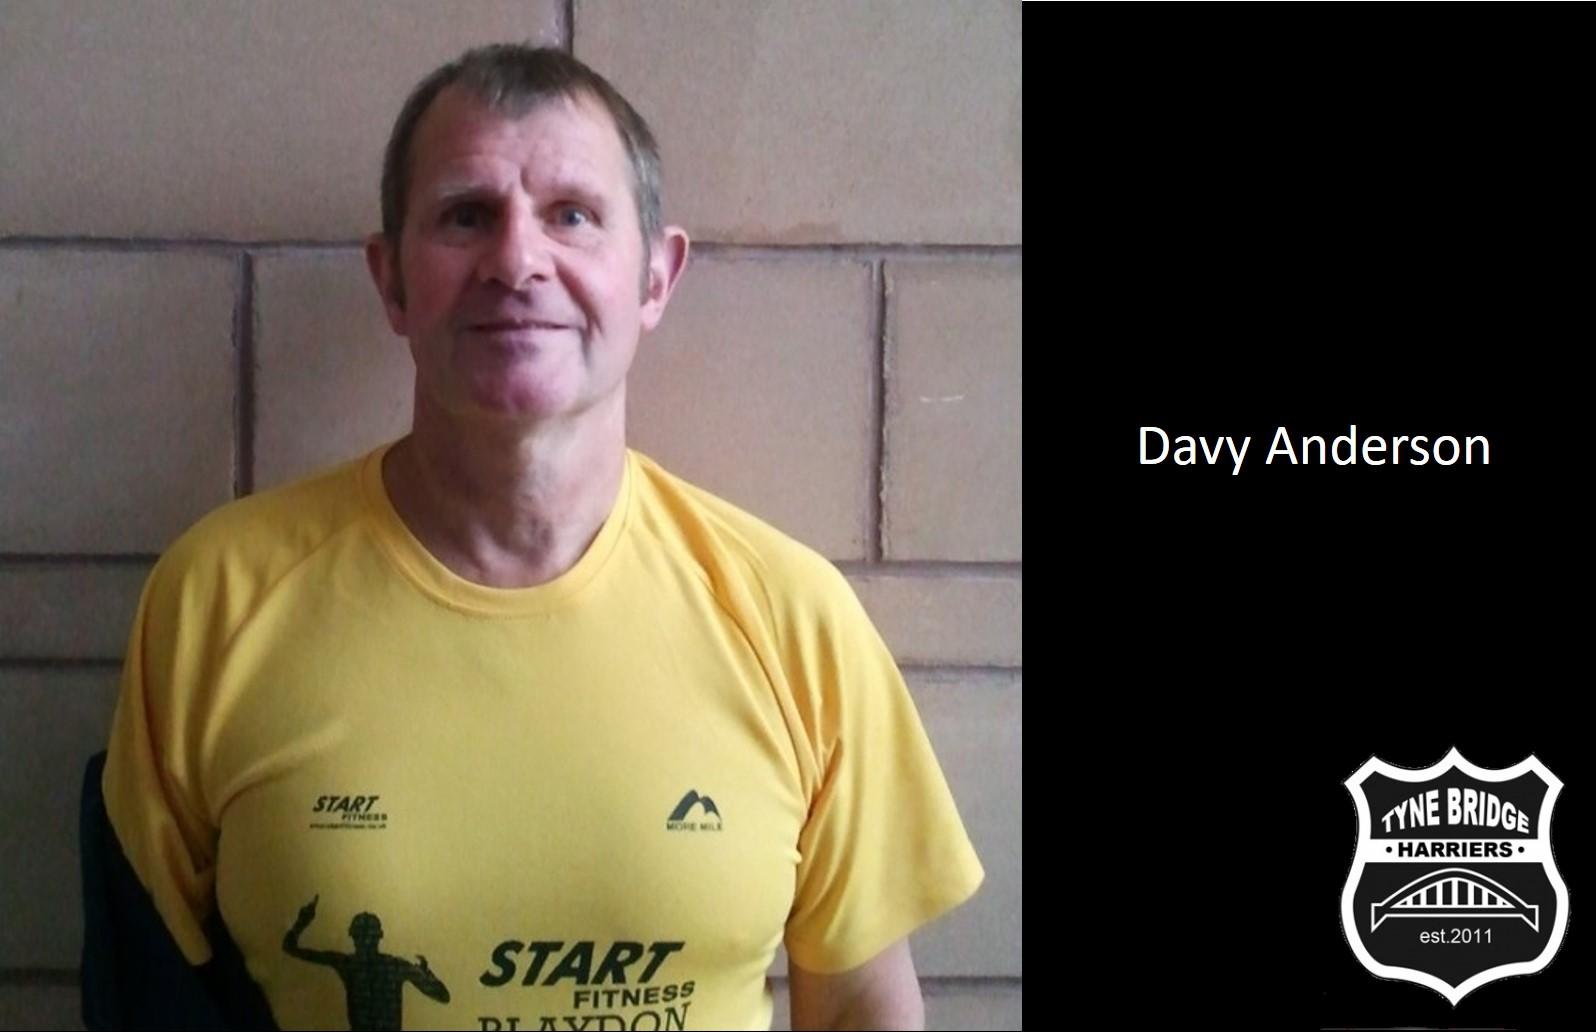 Anderson-Davy